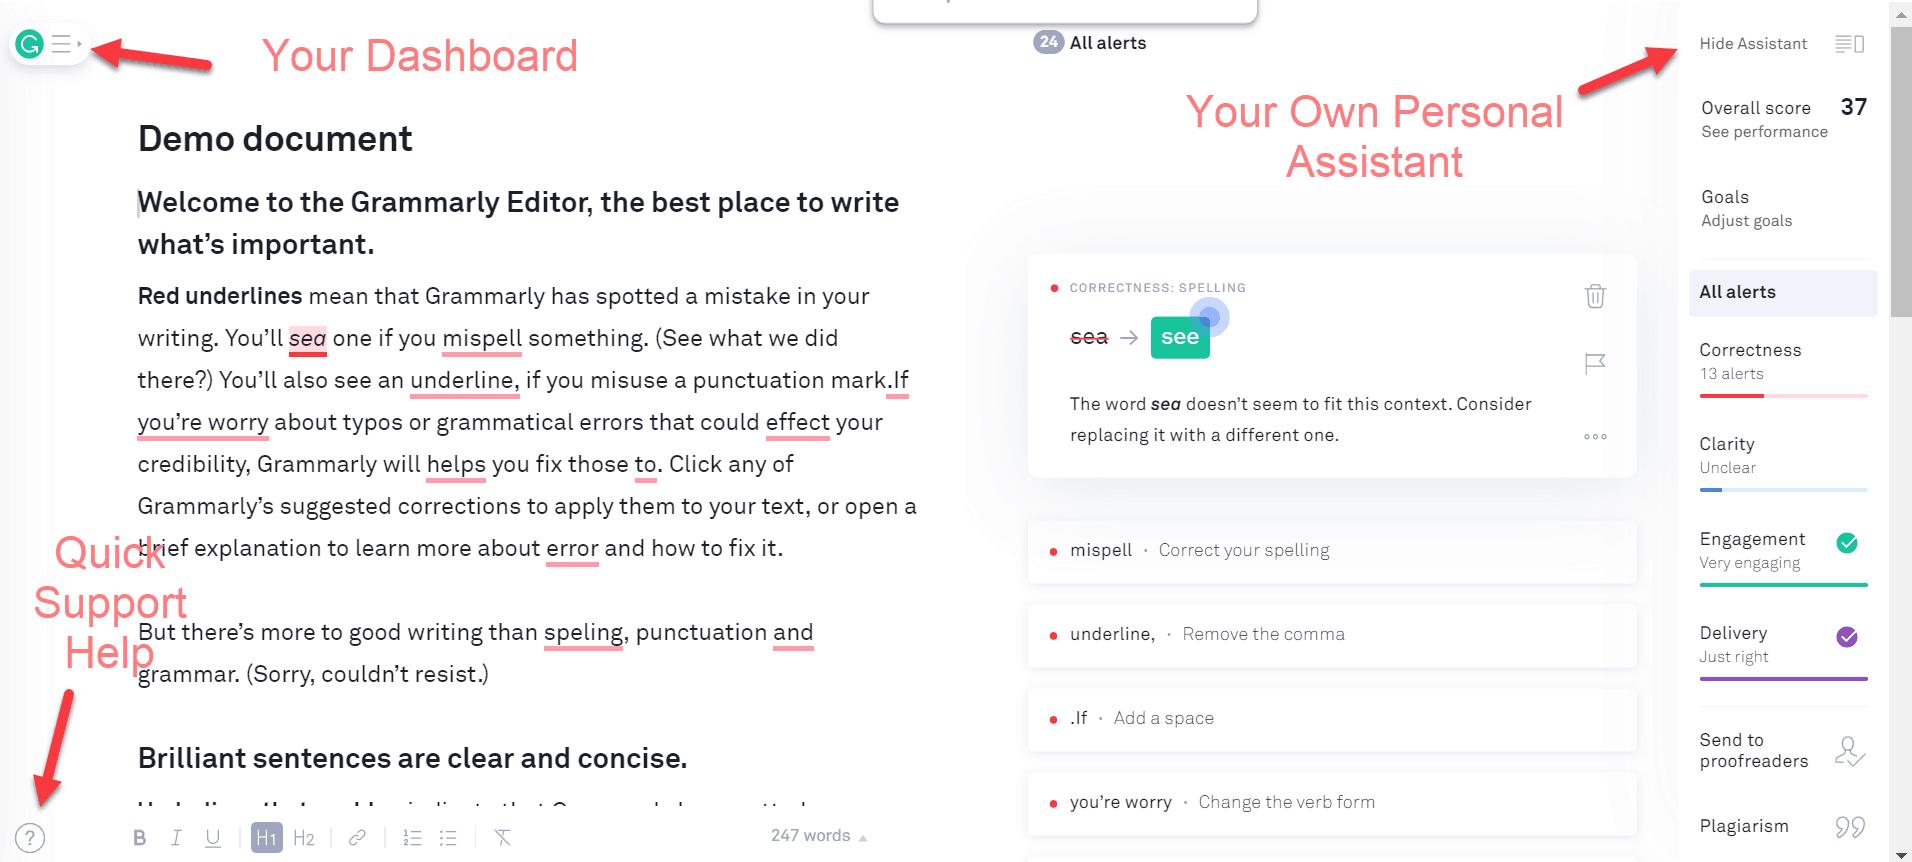 screenshot Grammarly dashboard